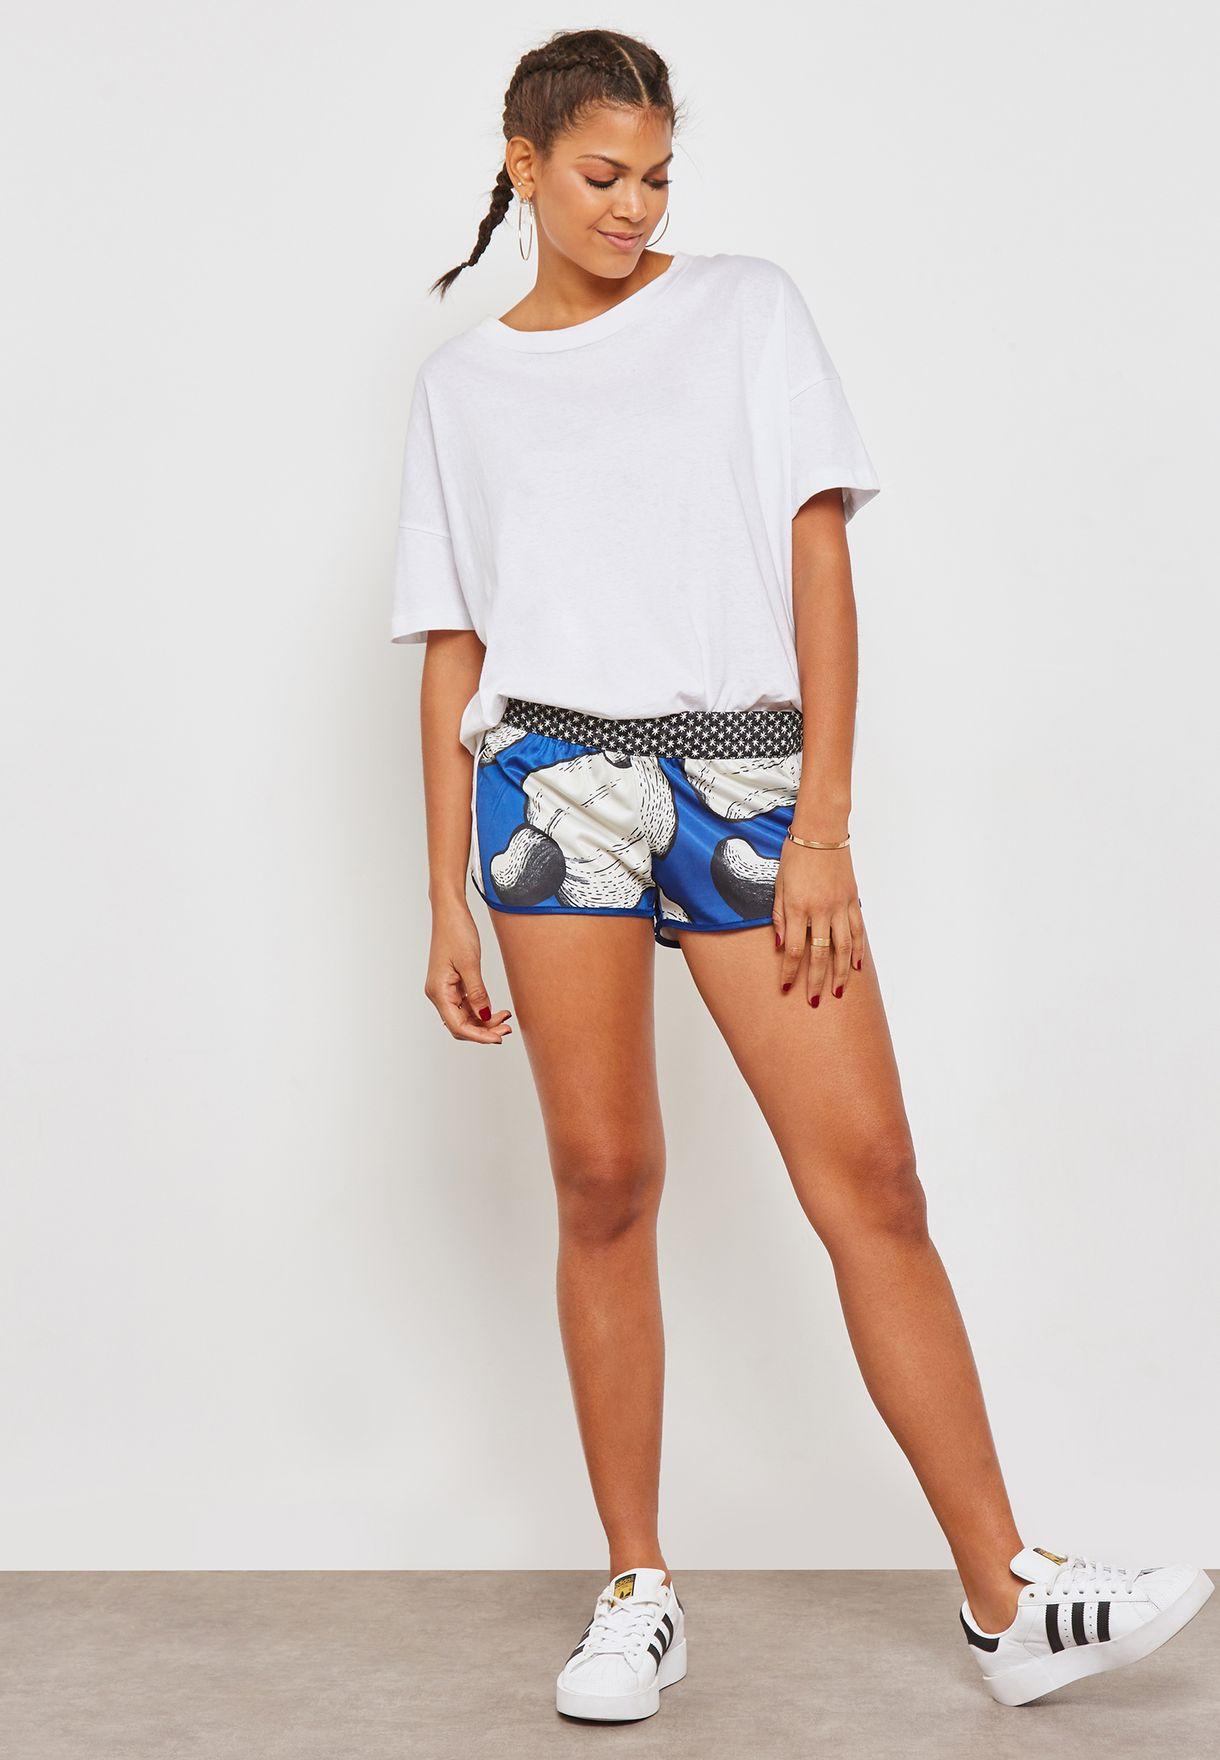 Women Shop Shorts Uae Farm Prints Dh3067 In For Originals Adidas rIwg0r